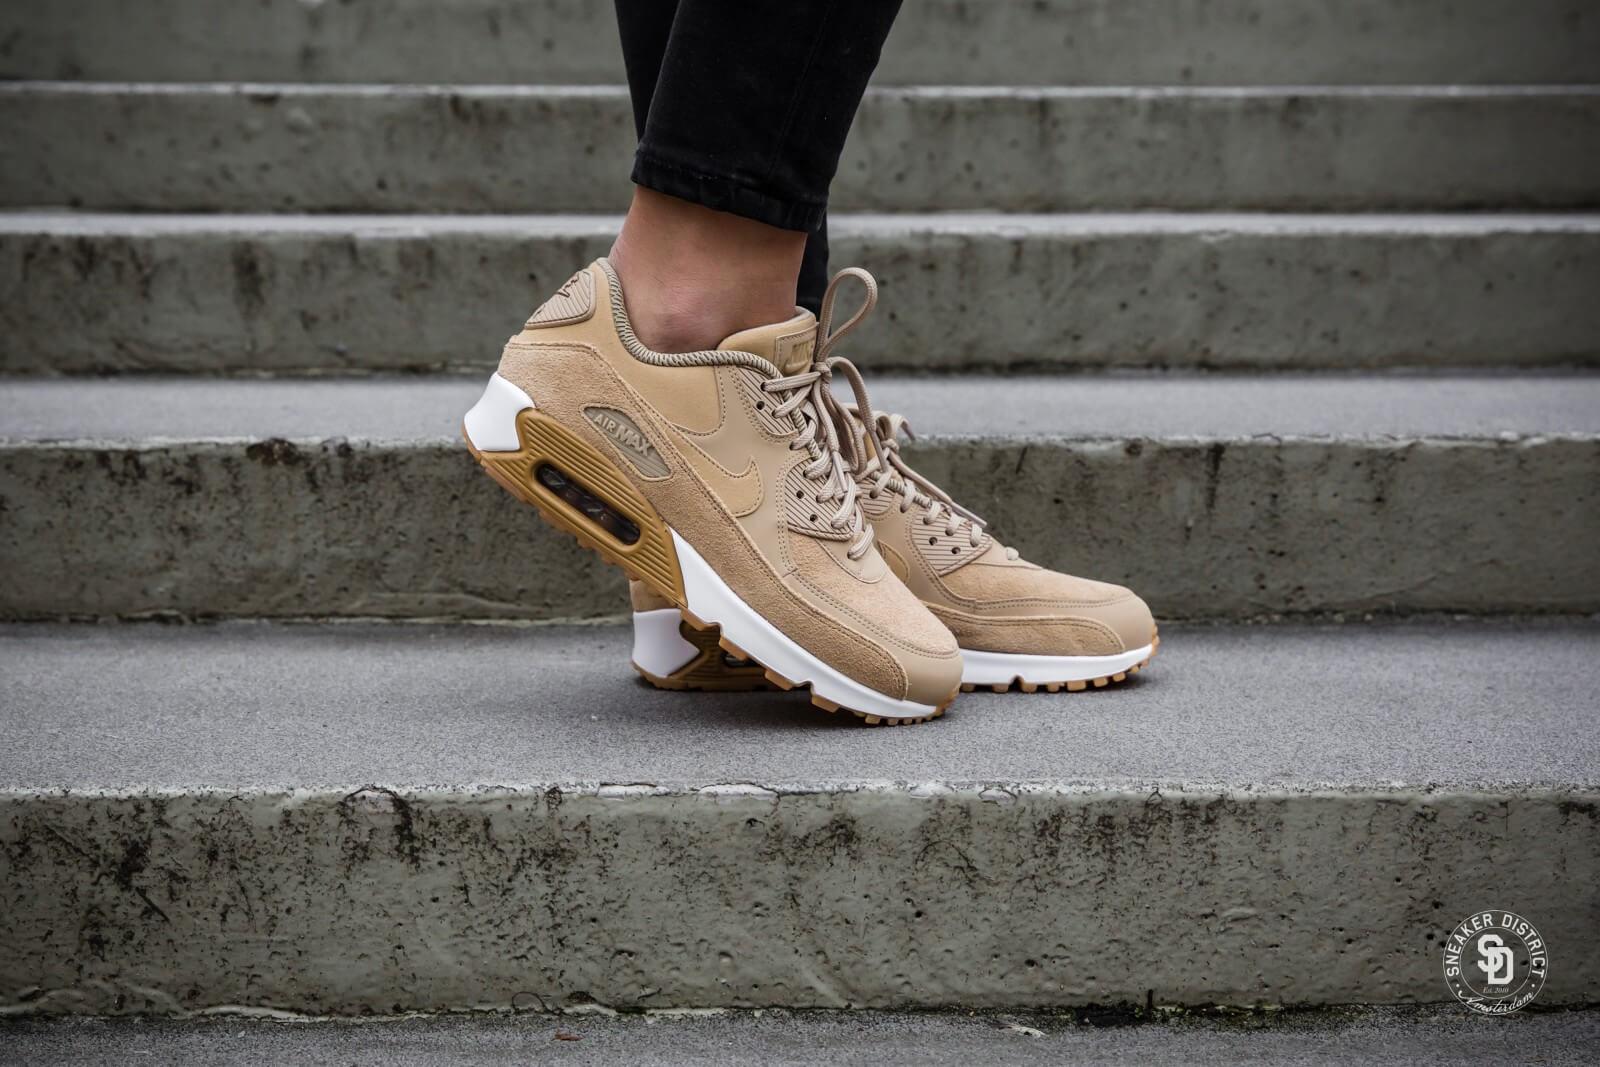 Nike Women's Air Max 90 SE Mushroom/Gum-White | Gratis en